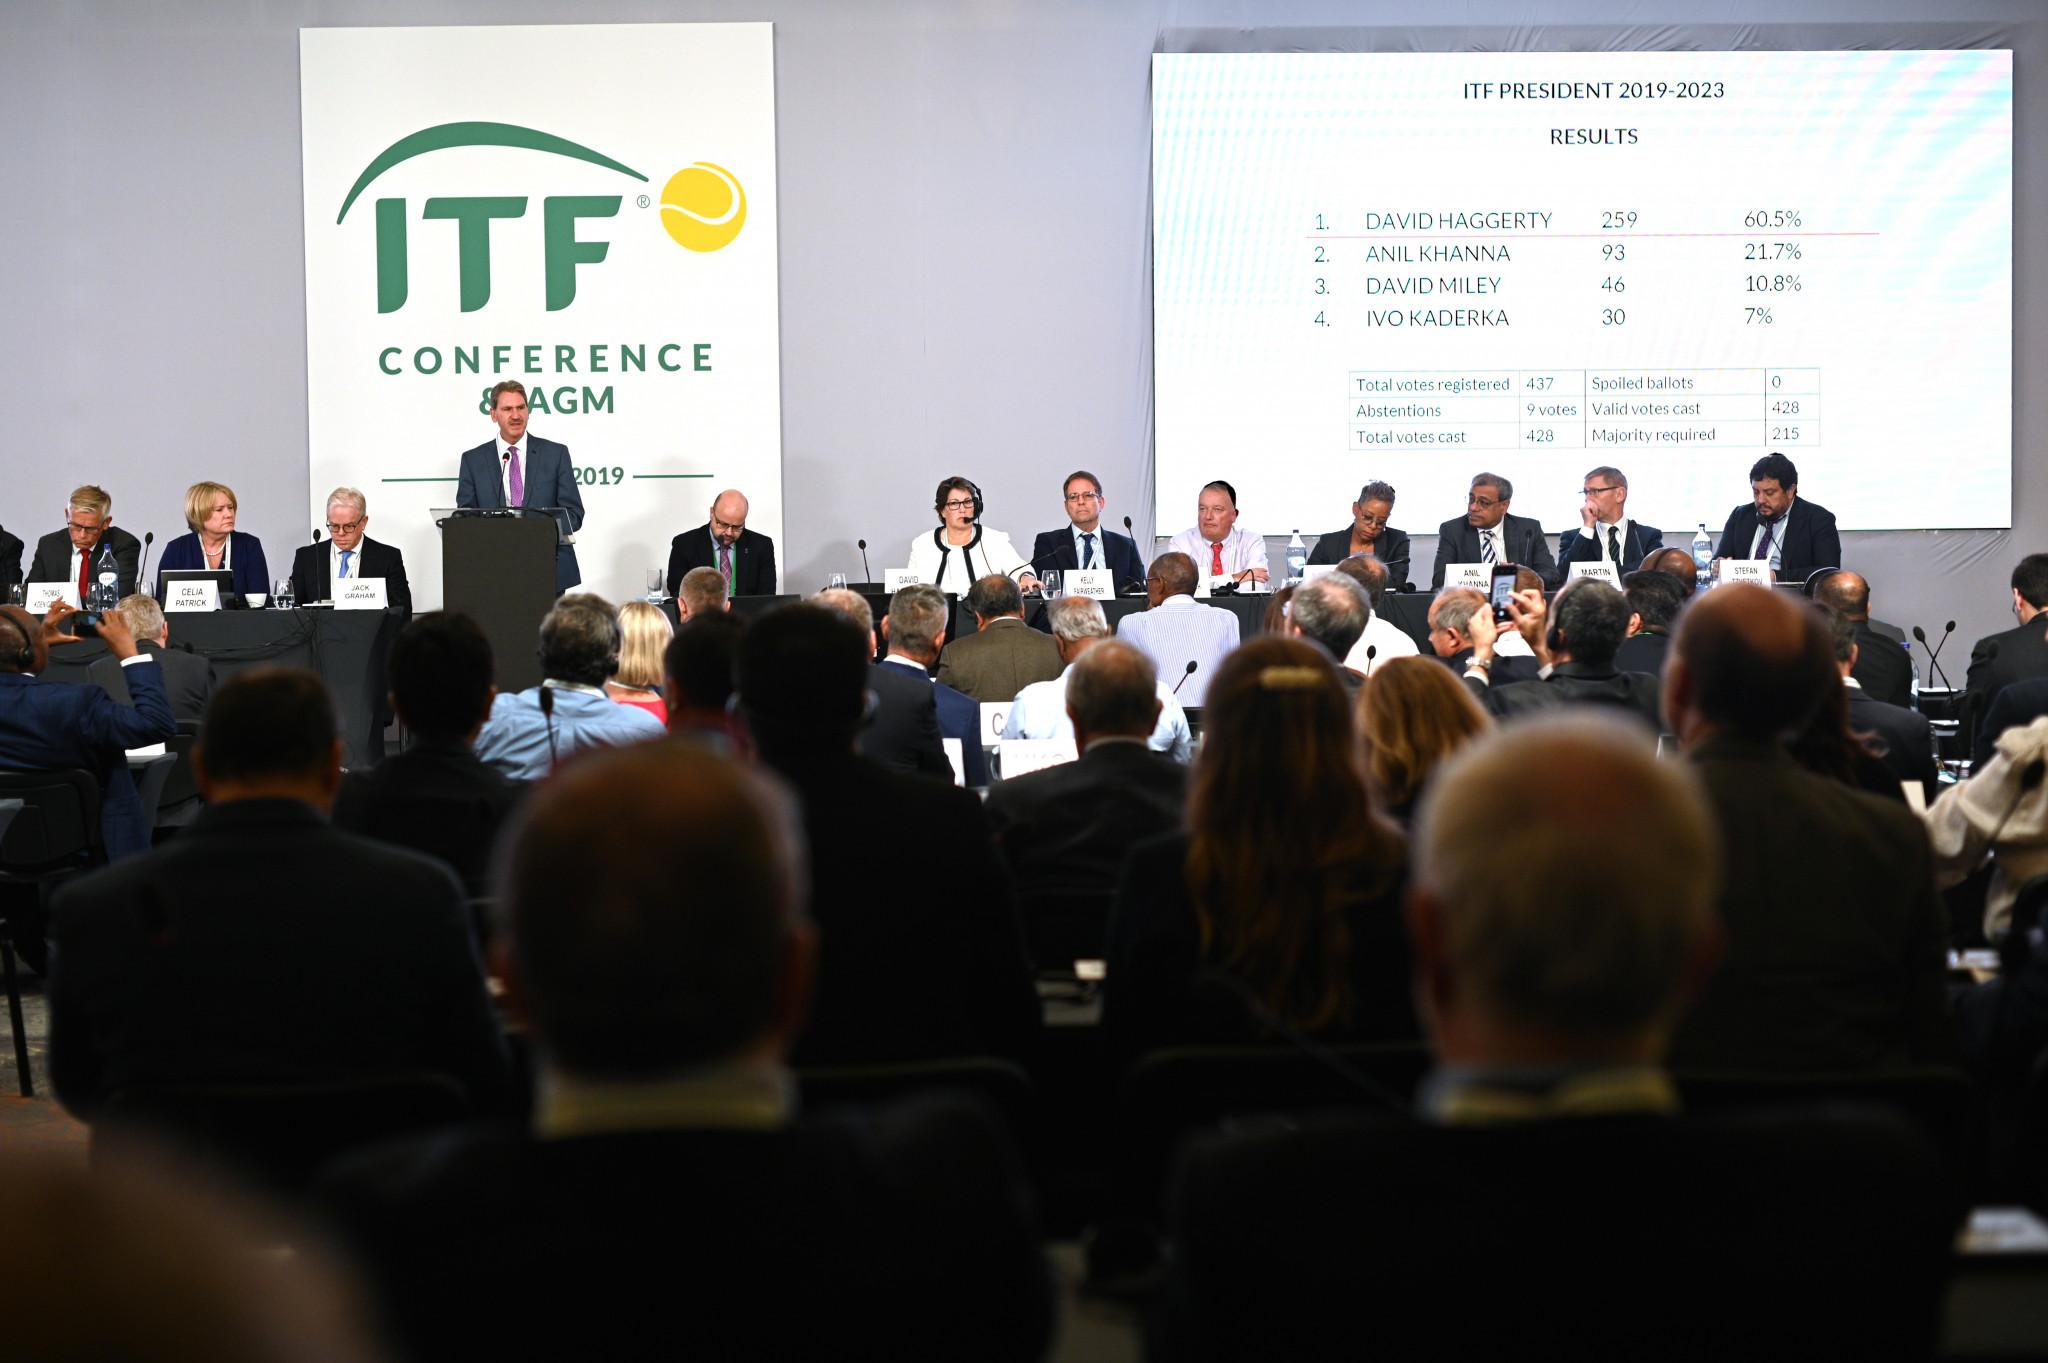 David Haggerty é reeleito presidente da ITF